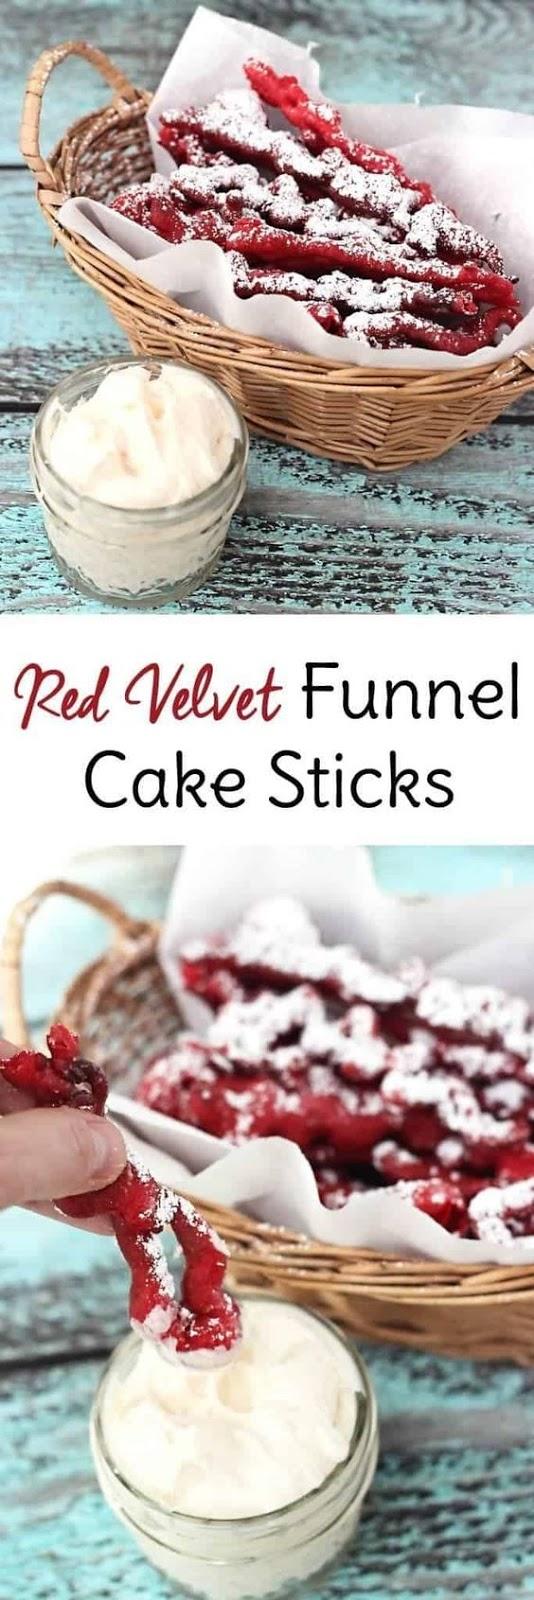 Red Velvet Funnel Cake Sticks